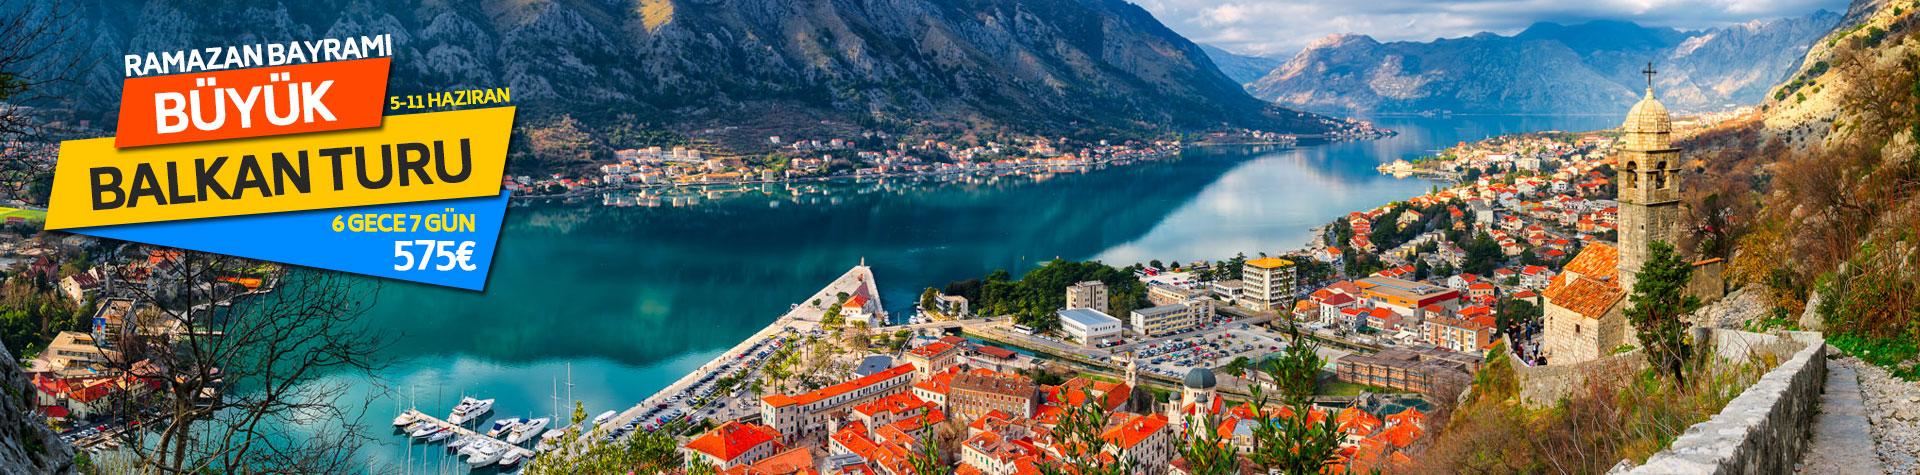 Büyük Balkan turu